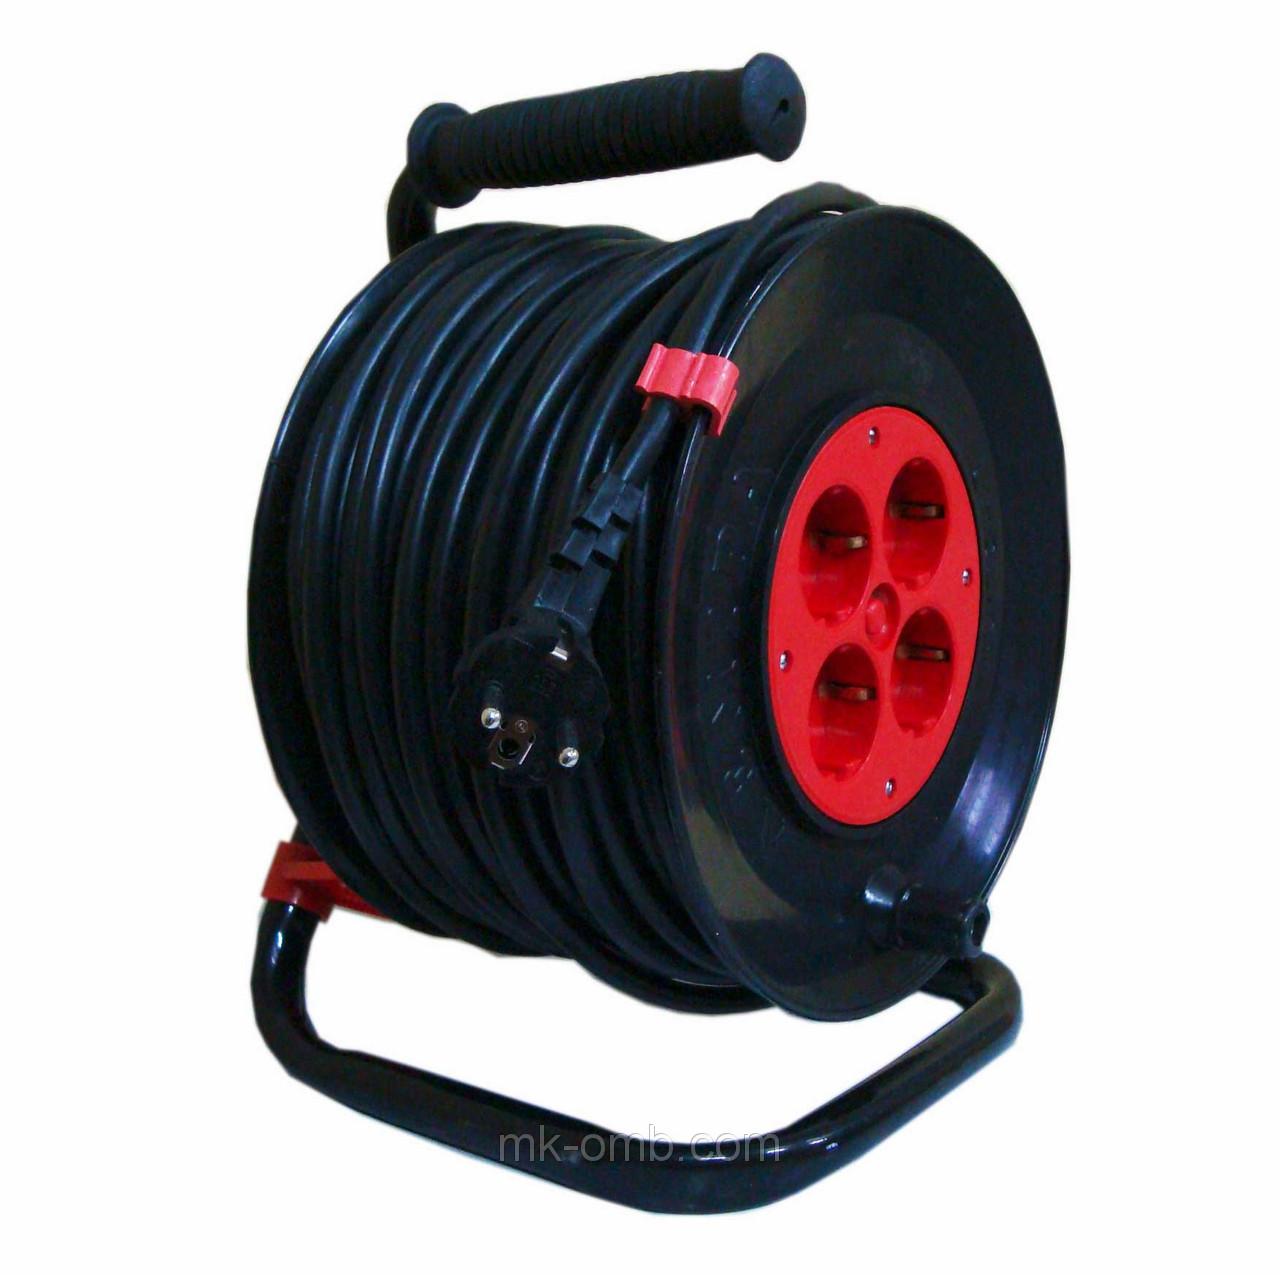 Удлинитель  электрокабеля У16-25м(2х2,5)  на катушке